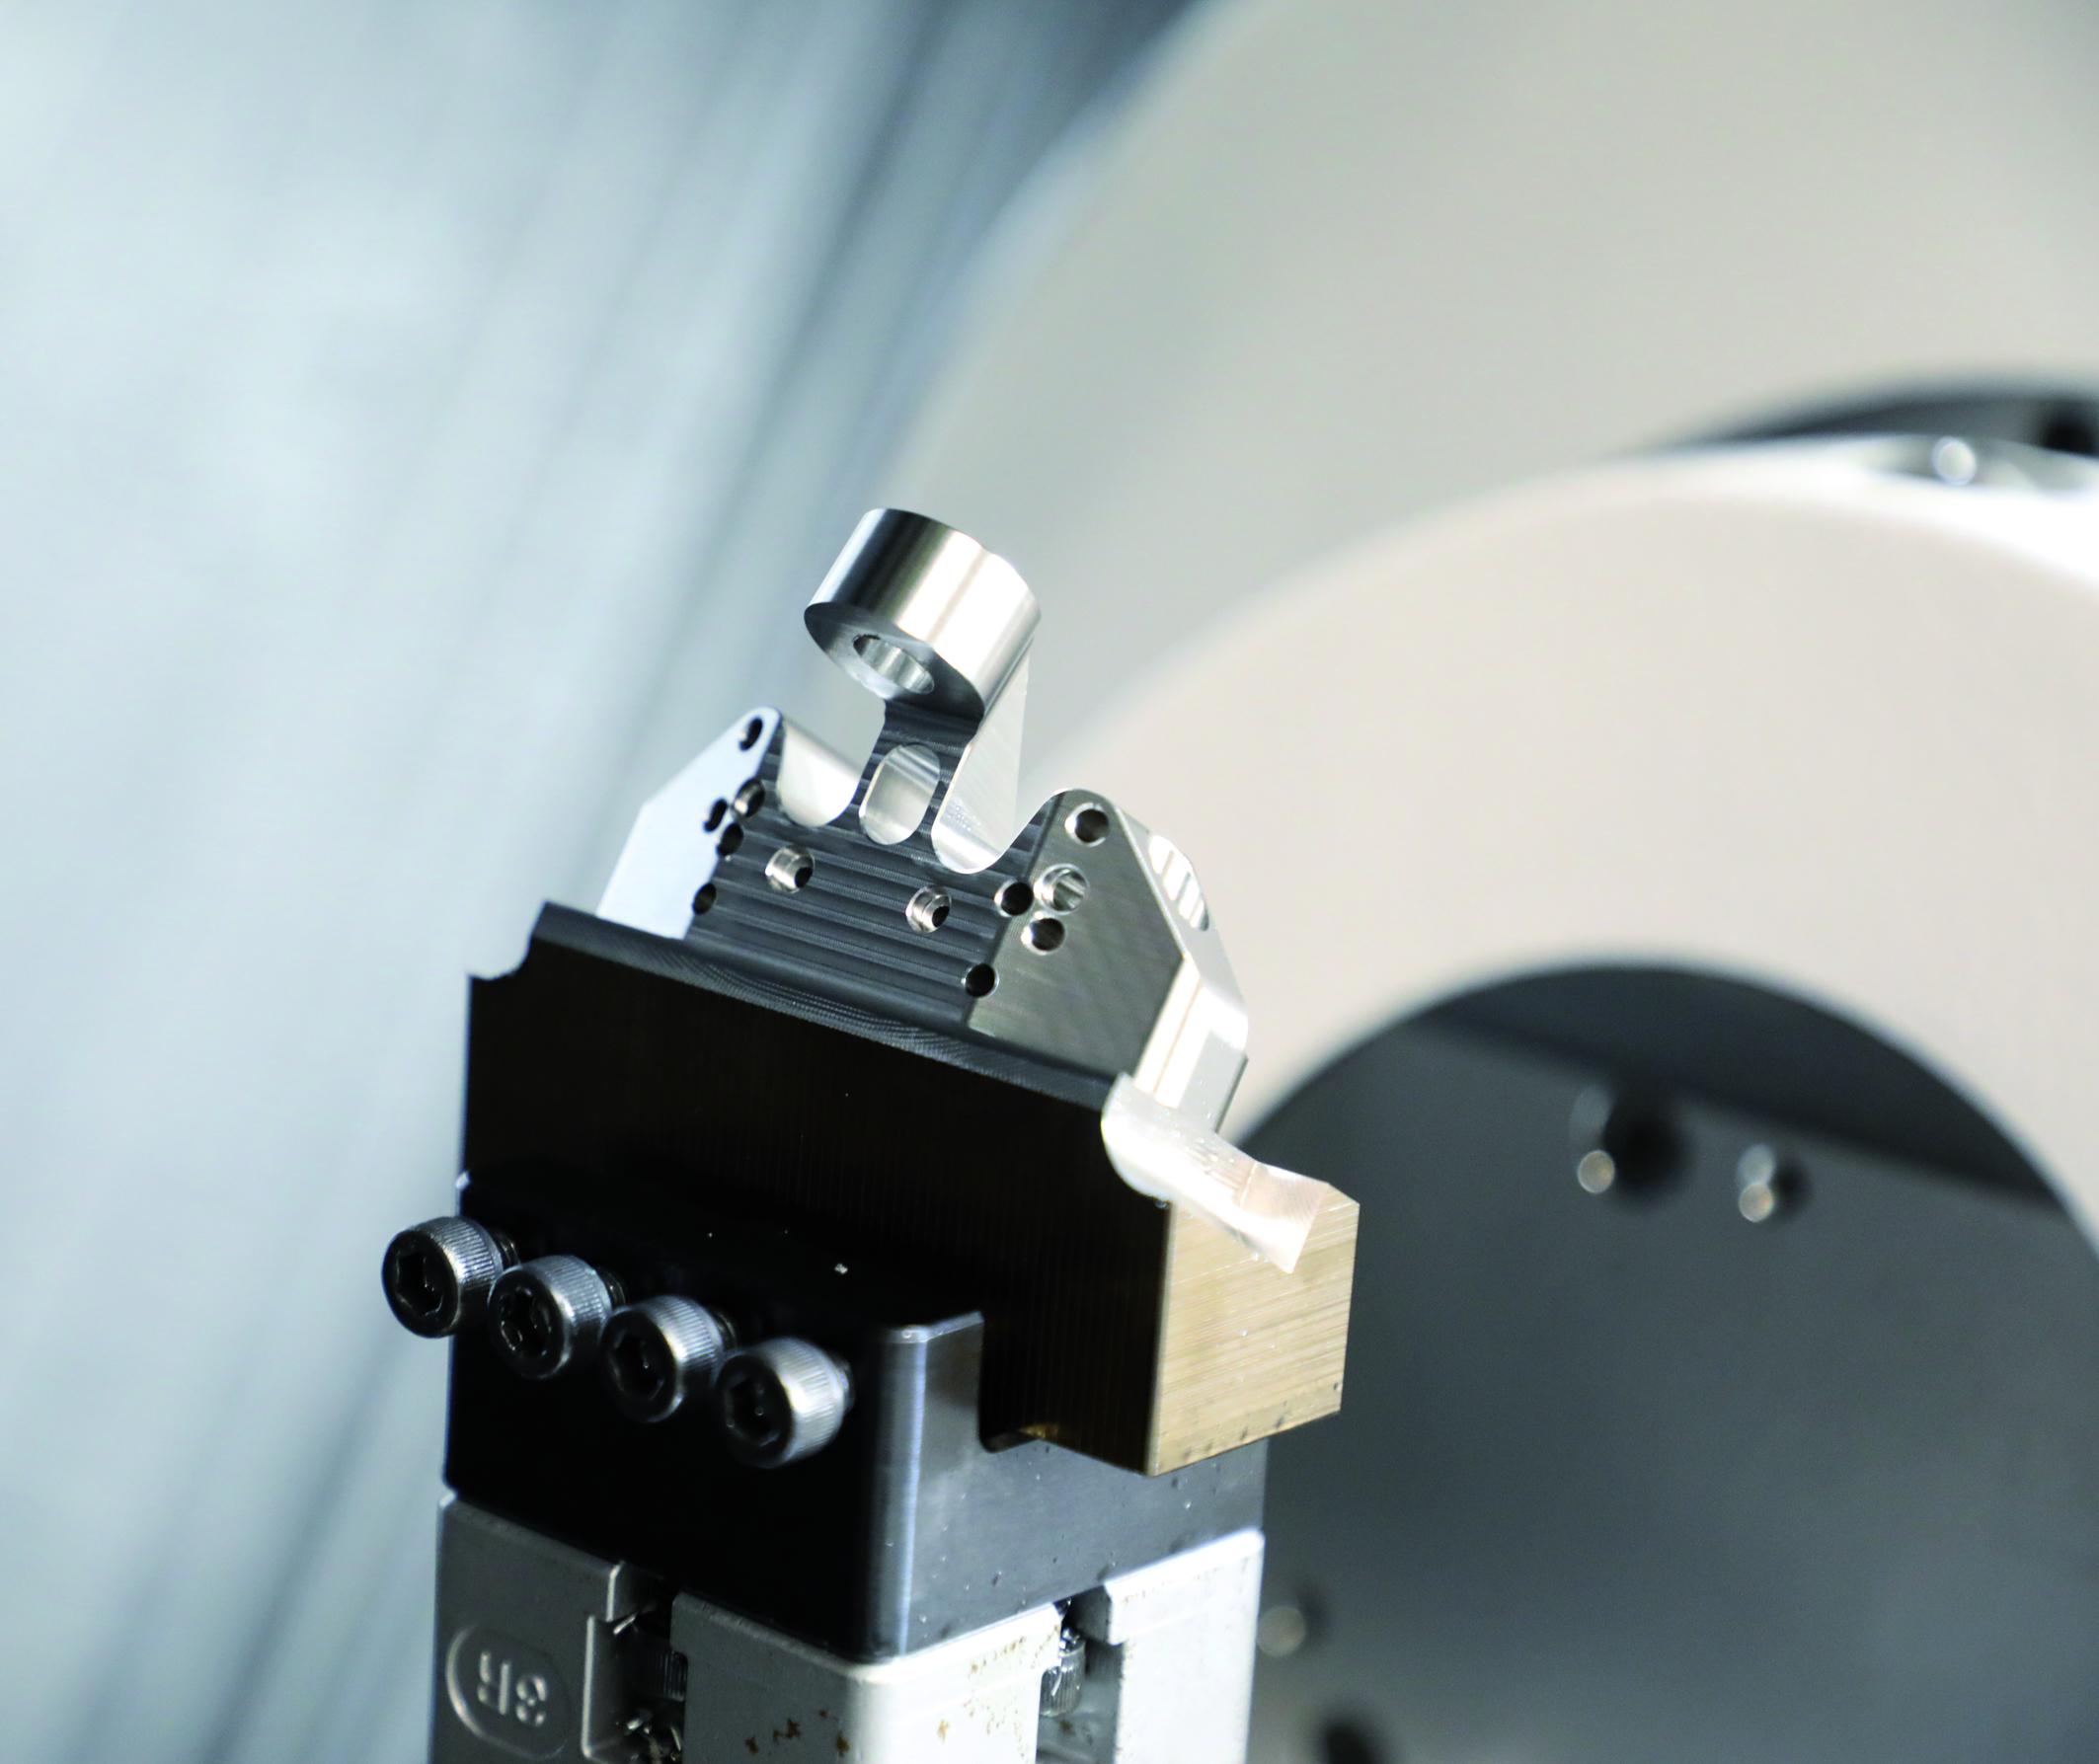 Kleine Losgrößen wirtschaftlich & sicher fertigen Automatisierte Fertigung am Beispiel eines chirurgischen Schnittblocks